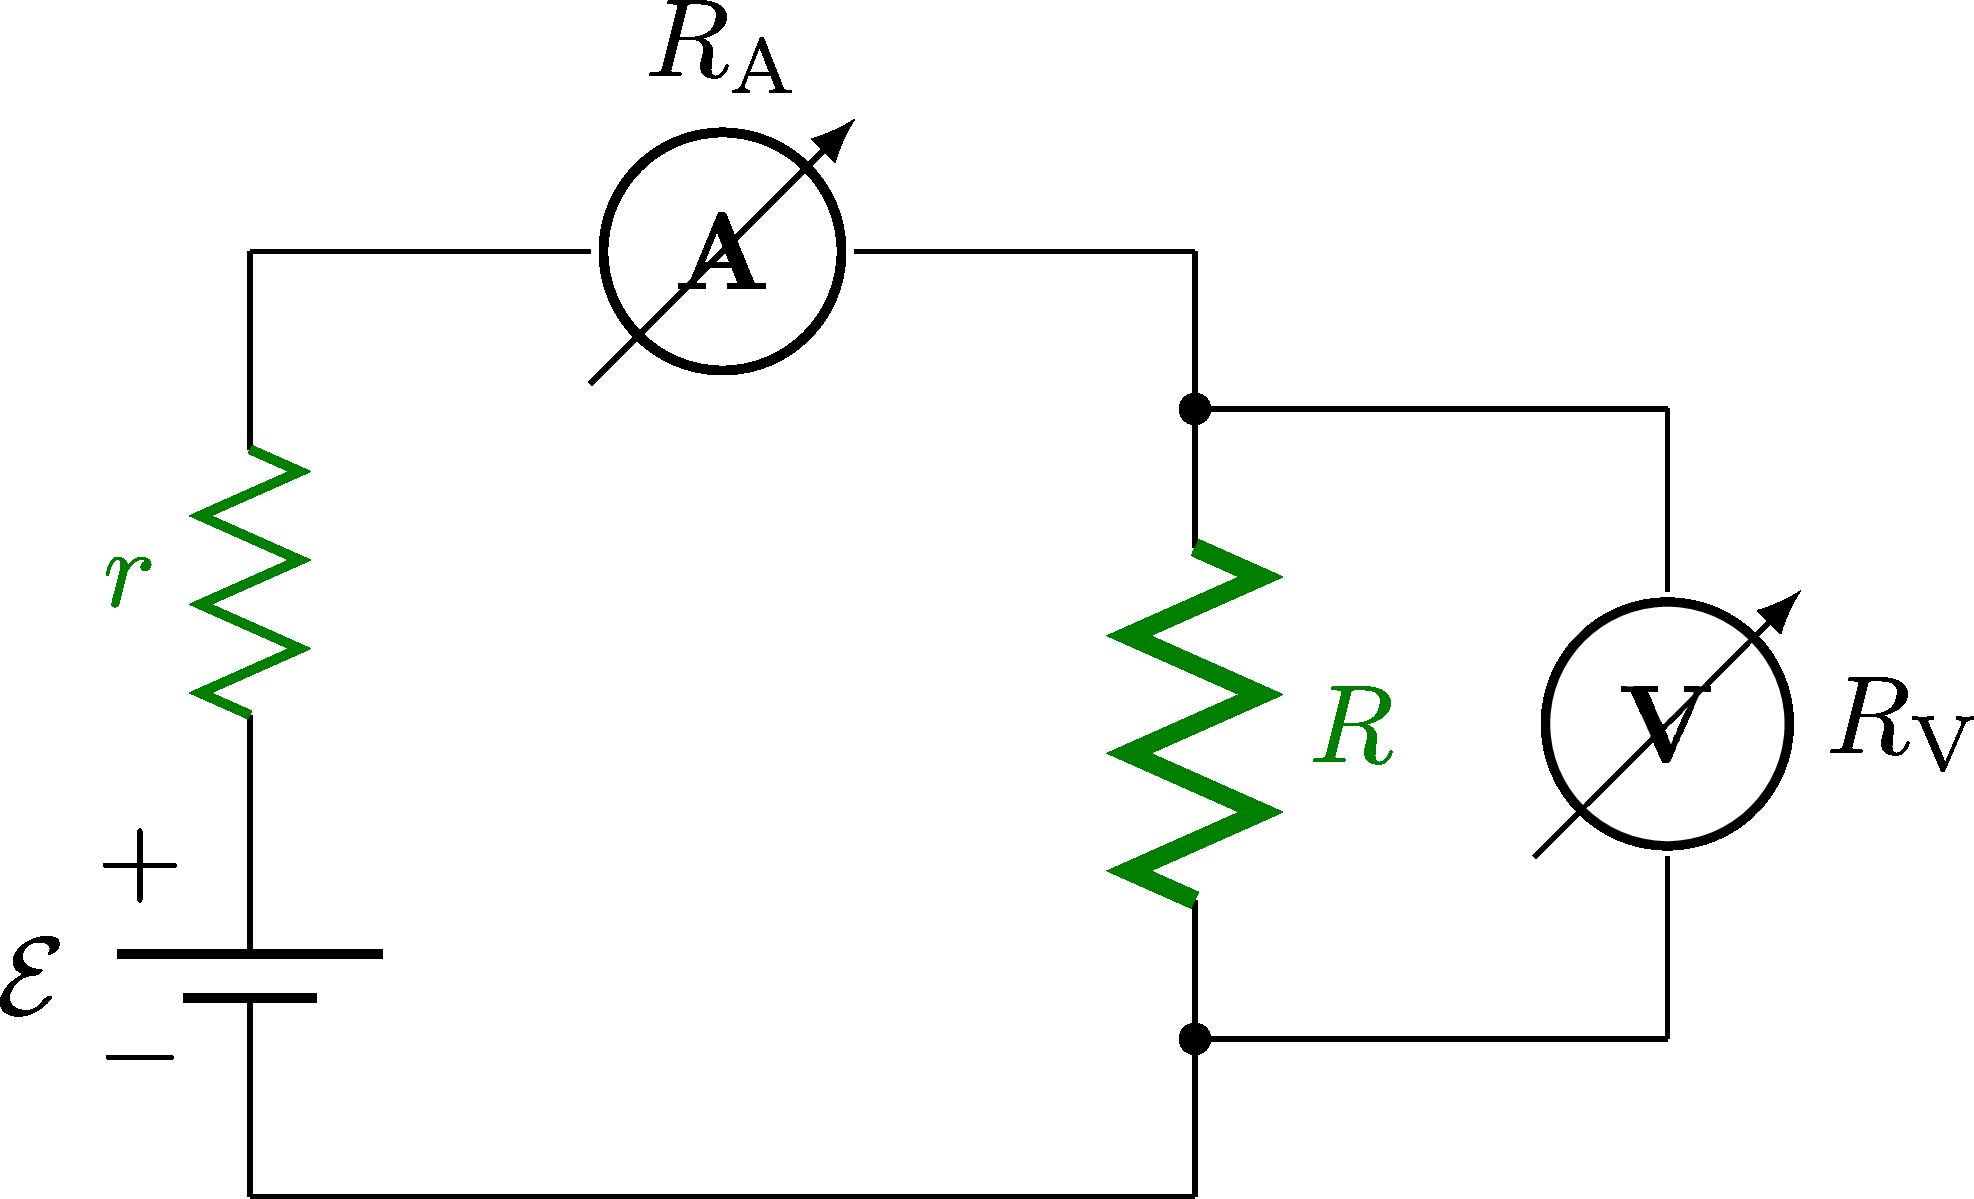 electric_circuit_resistor-006.png